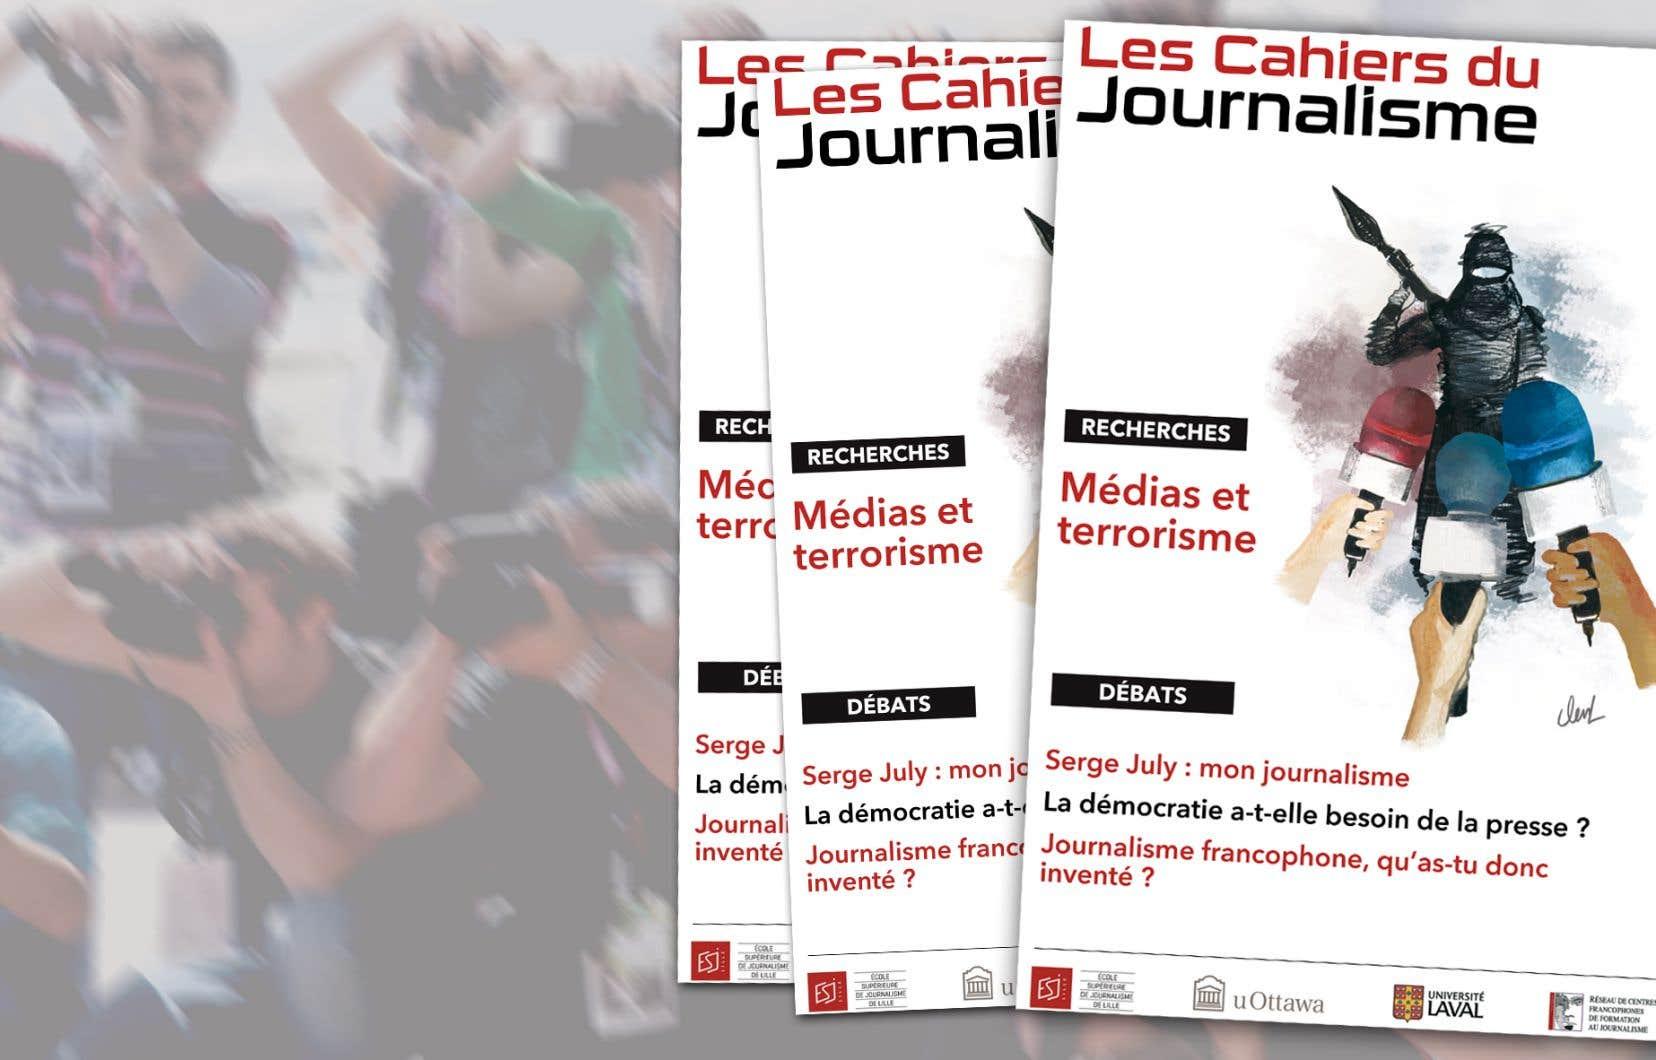 Cette version 2.0 des «Cahiers du journalisme» est soutenue par l'École supérieure de journalisme de Lille, l'Université d'Ottawa et l'Université Laval.